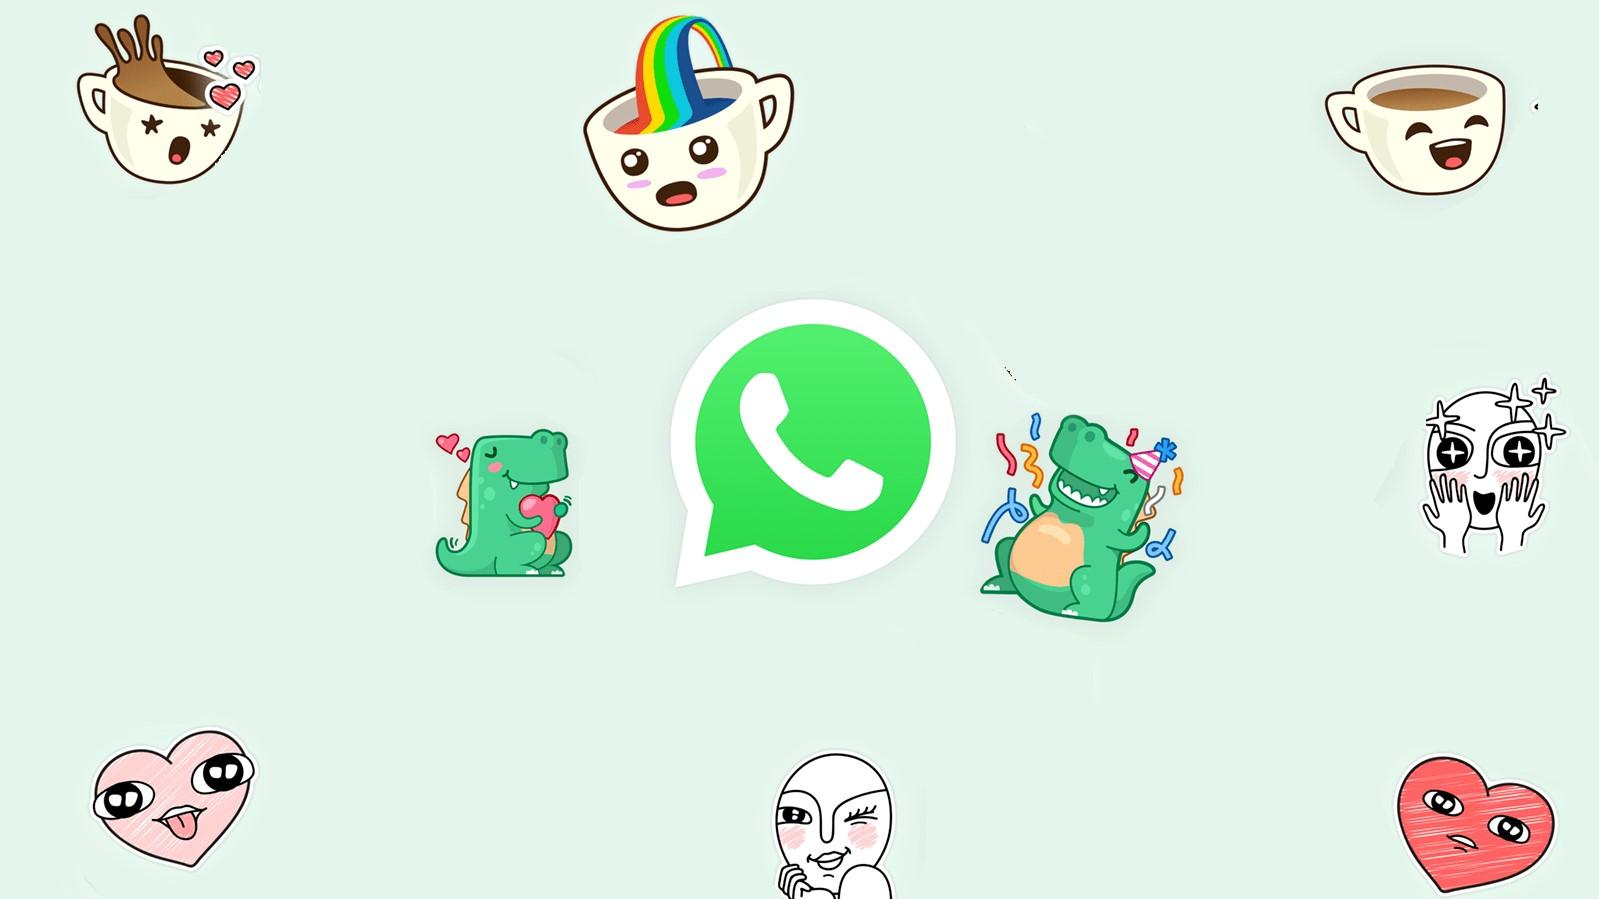 Destaque figurinhas animadas whatsapp